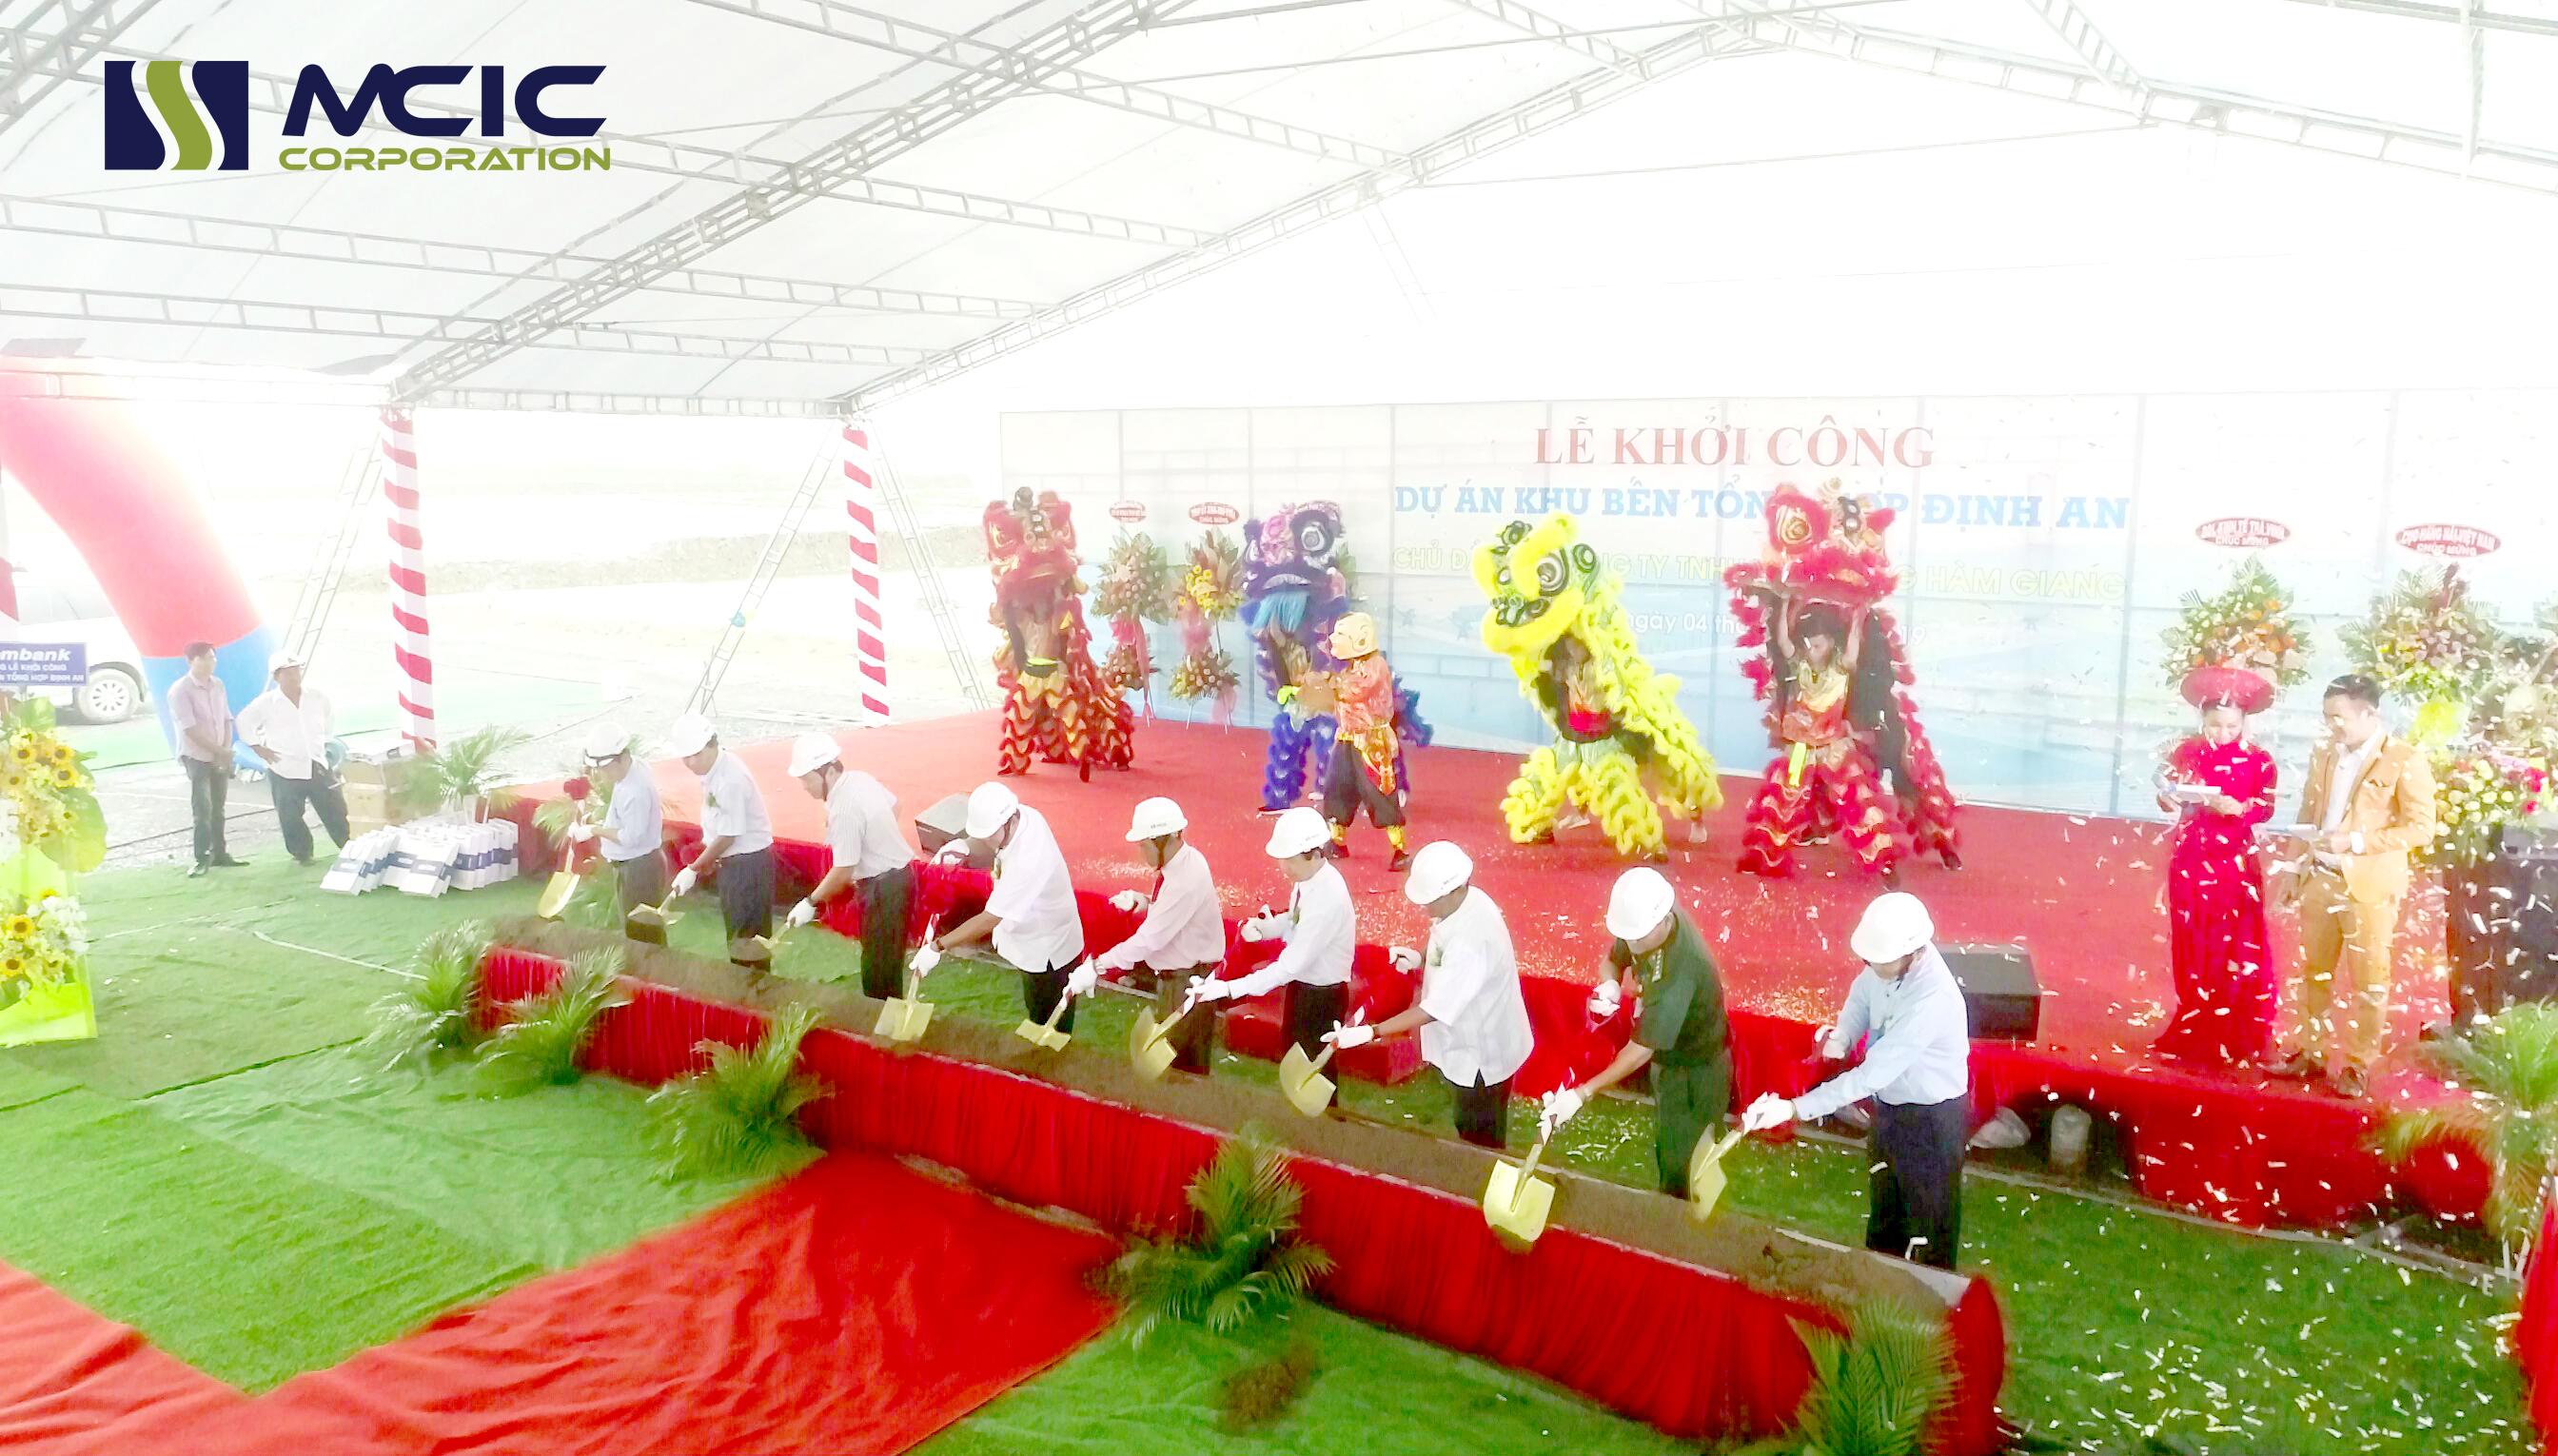 Trà Vinh khởi công xây khu bến cảng tổng hợp rộng hơn 128ha - MCIC tư vấn thiết kế